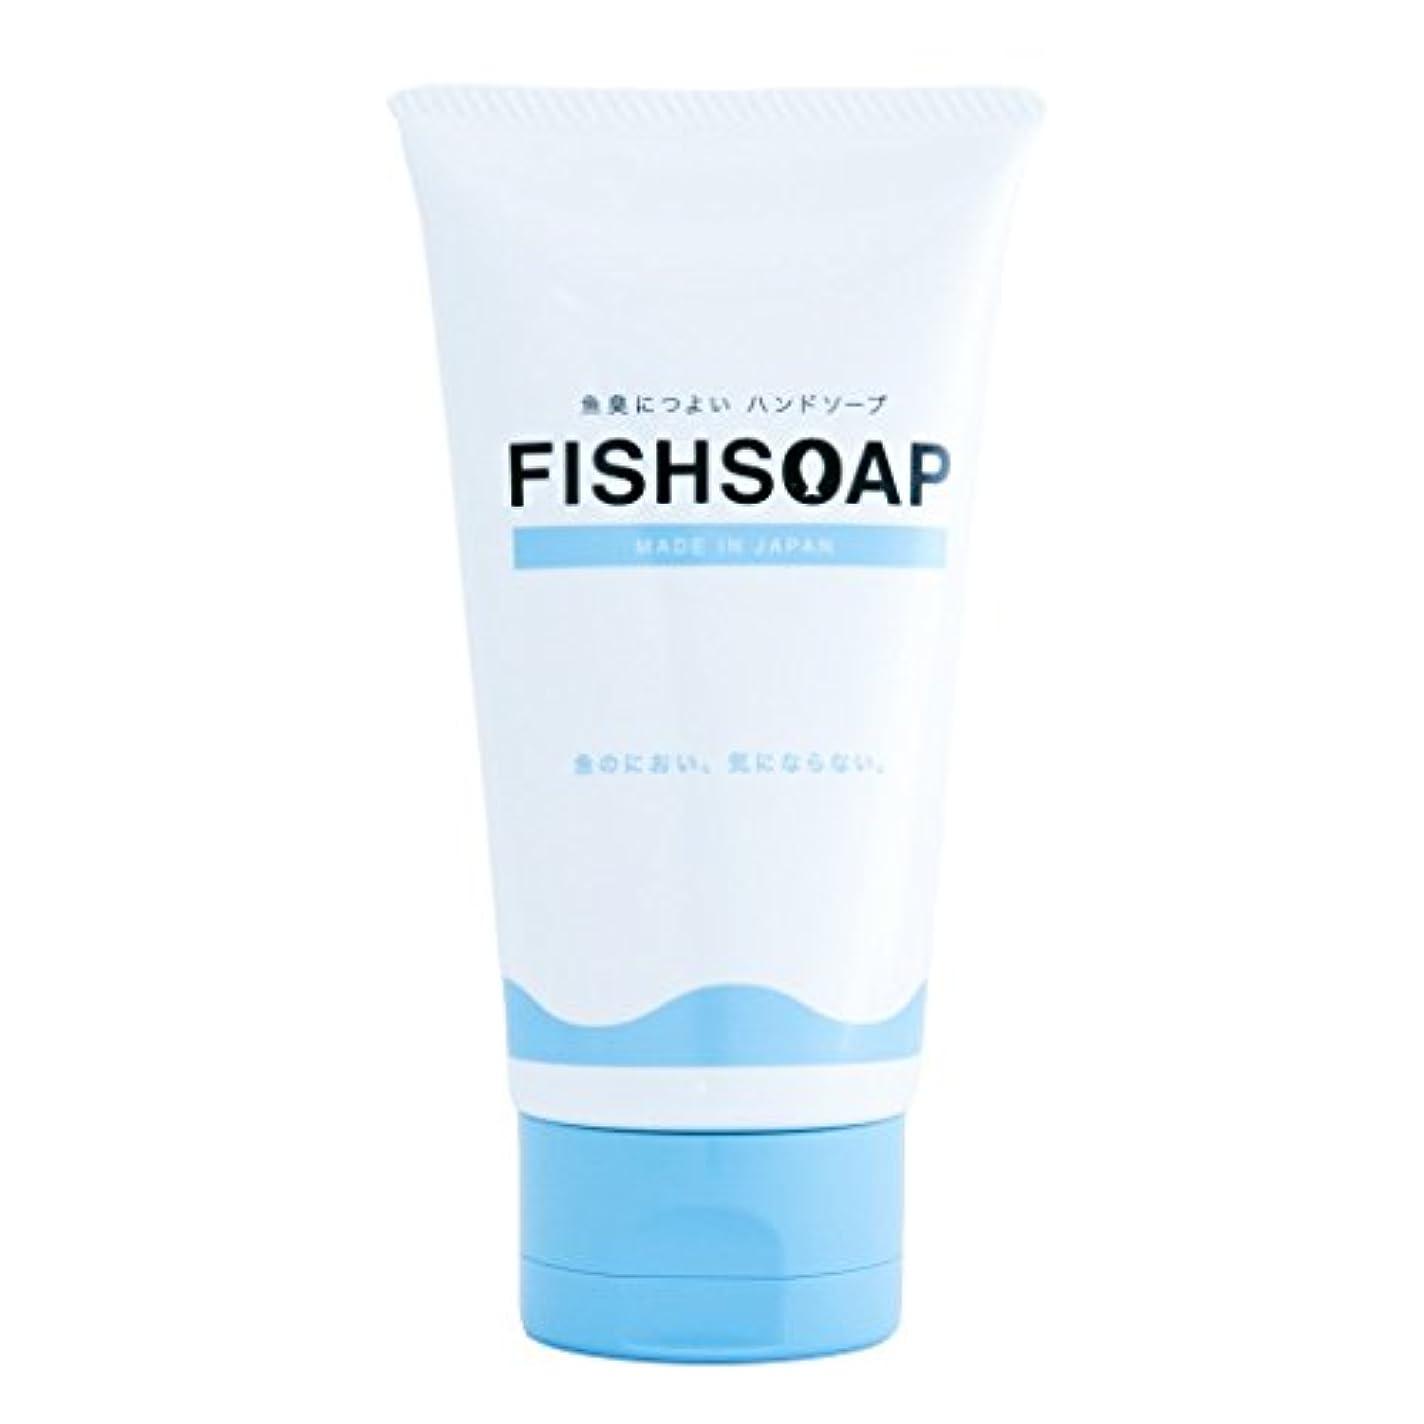 ピストル広告主価値? 魚臭につよい ハンドソープ? フィッシュソープ